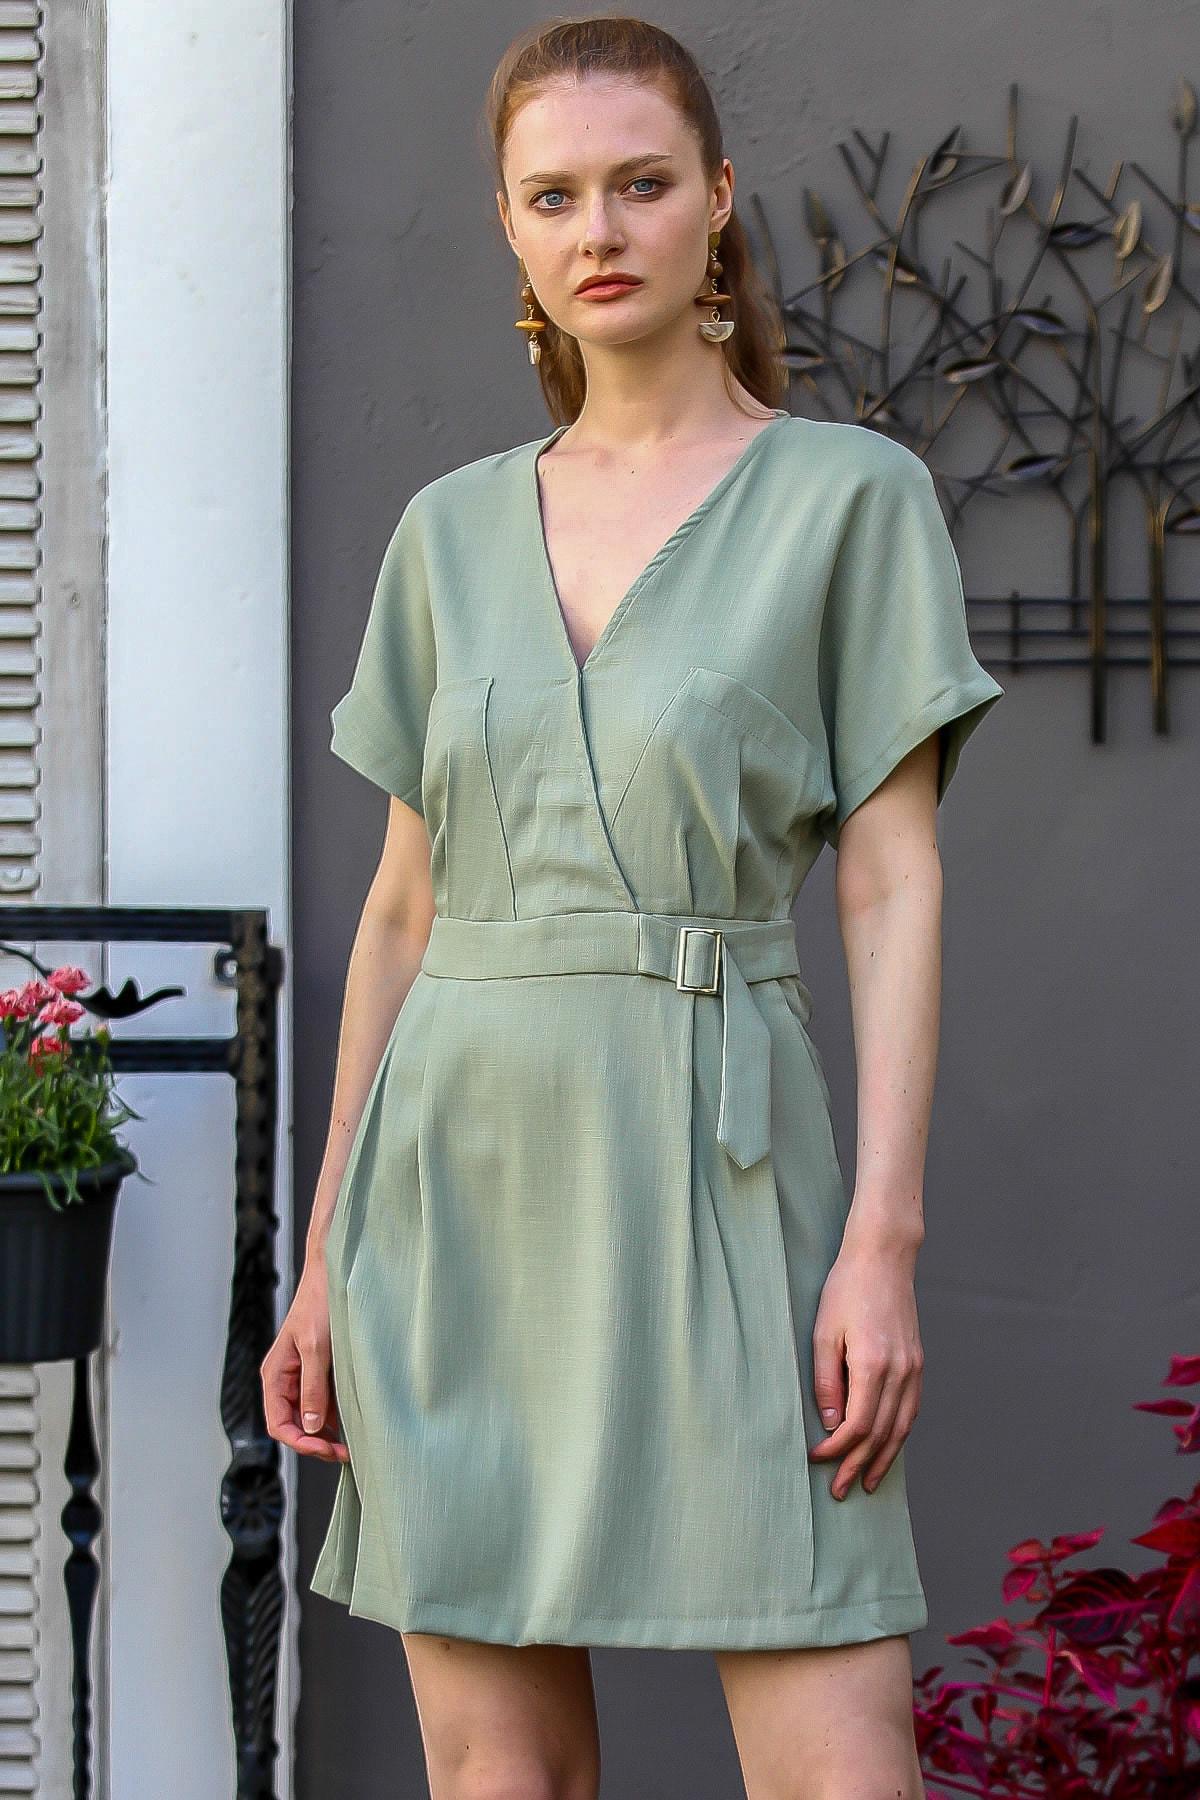 Chiccy Kadın Mint Kruvaze Cepli Düşük Kol Sırtı Fermuarlı Dokuma Elbise M10160000El94785